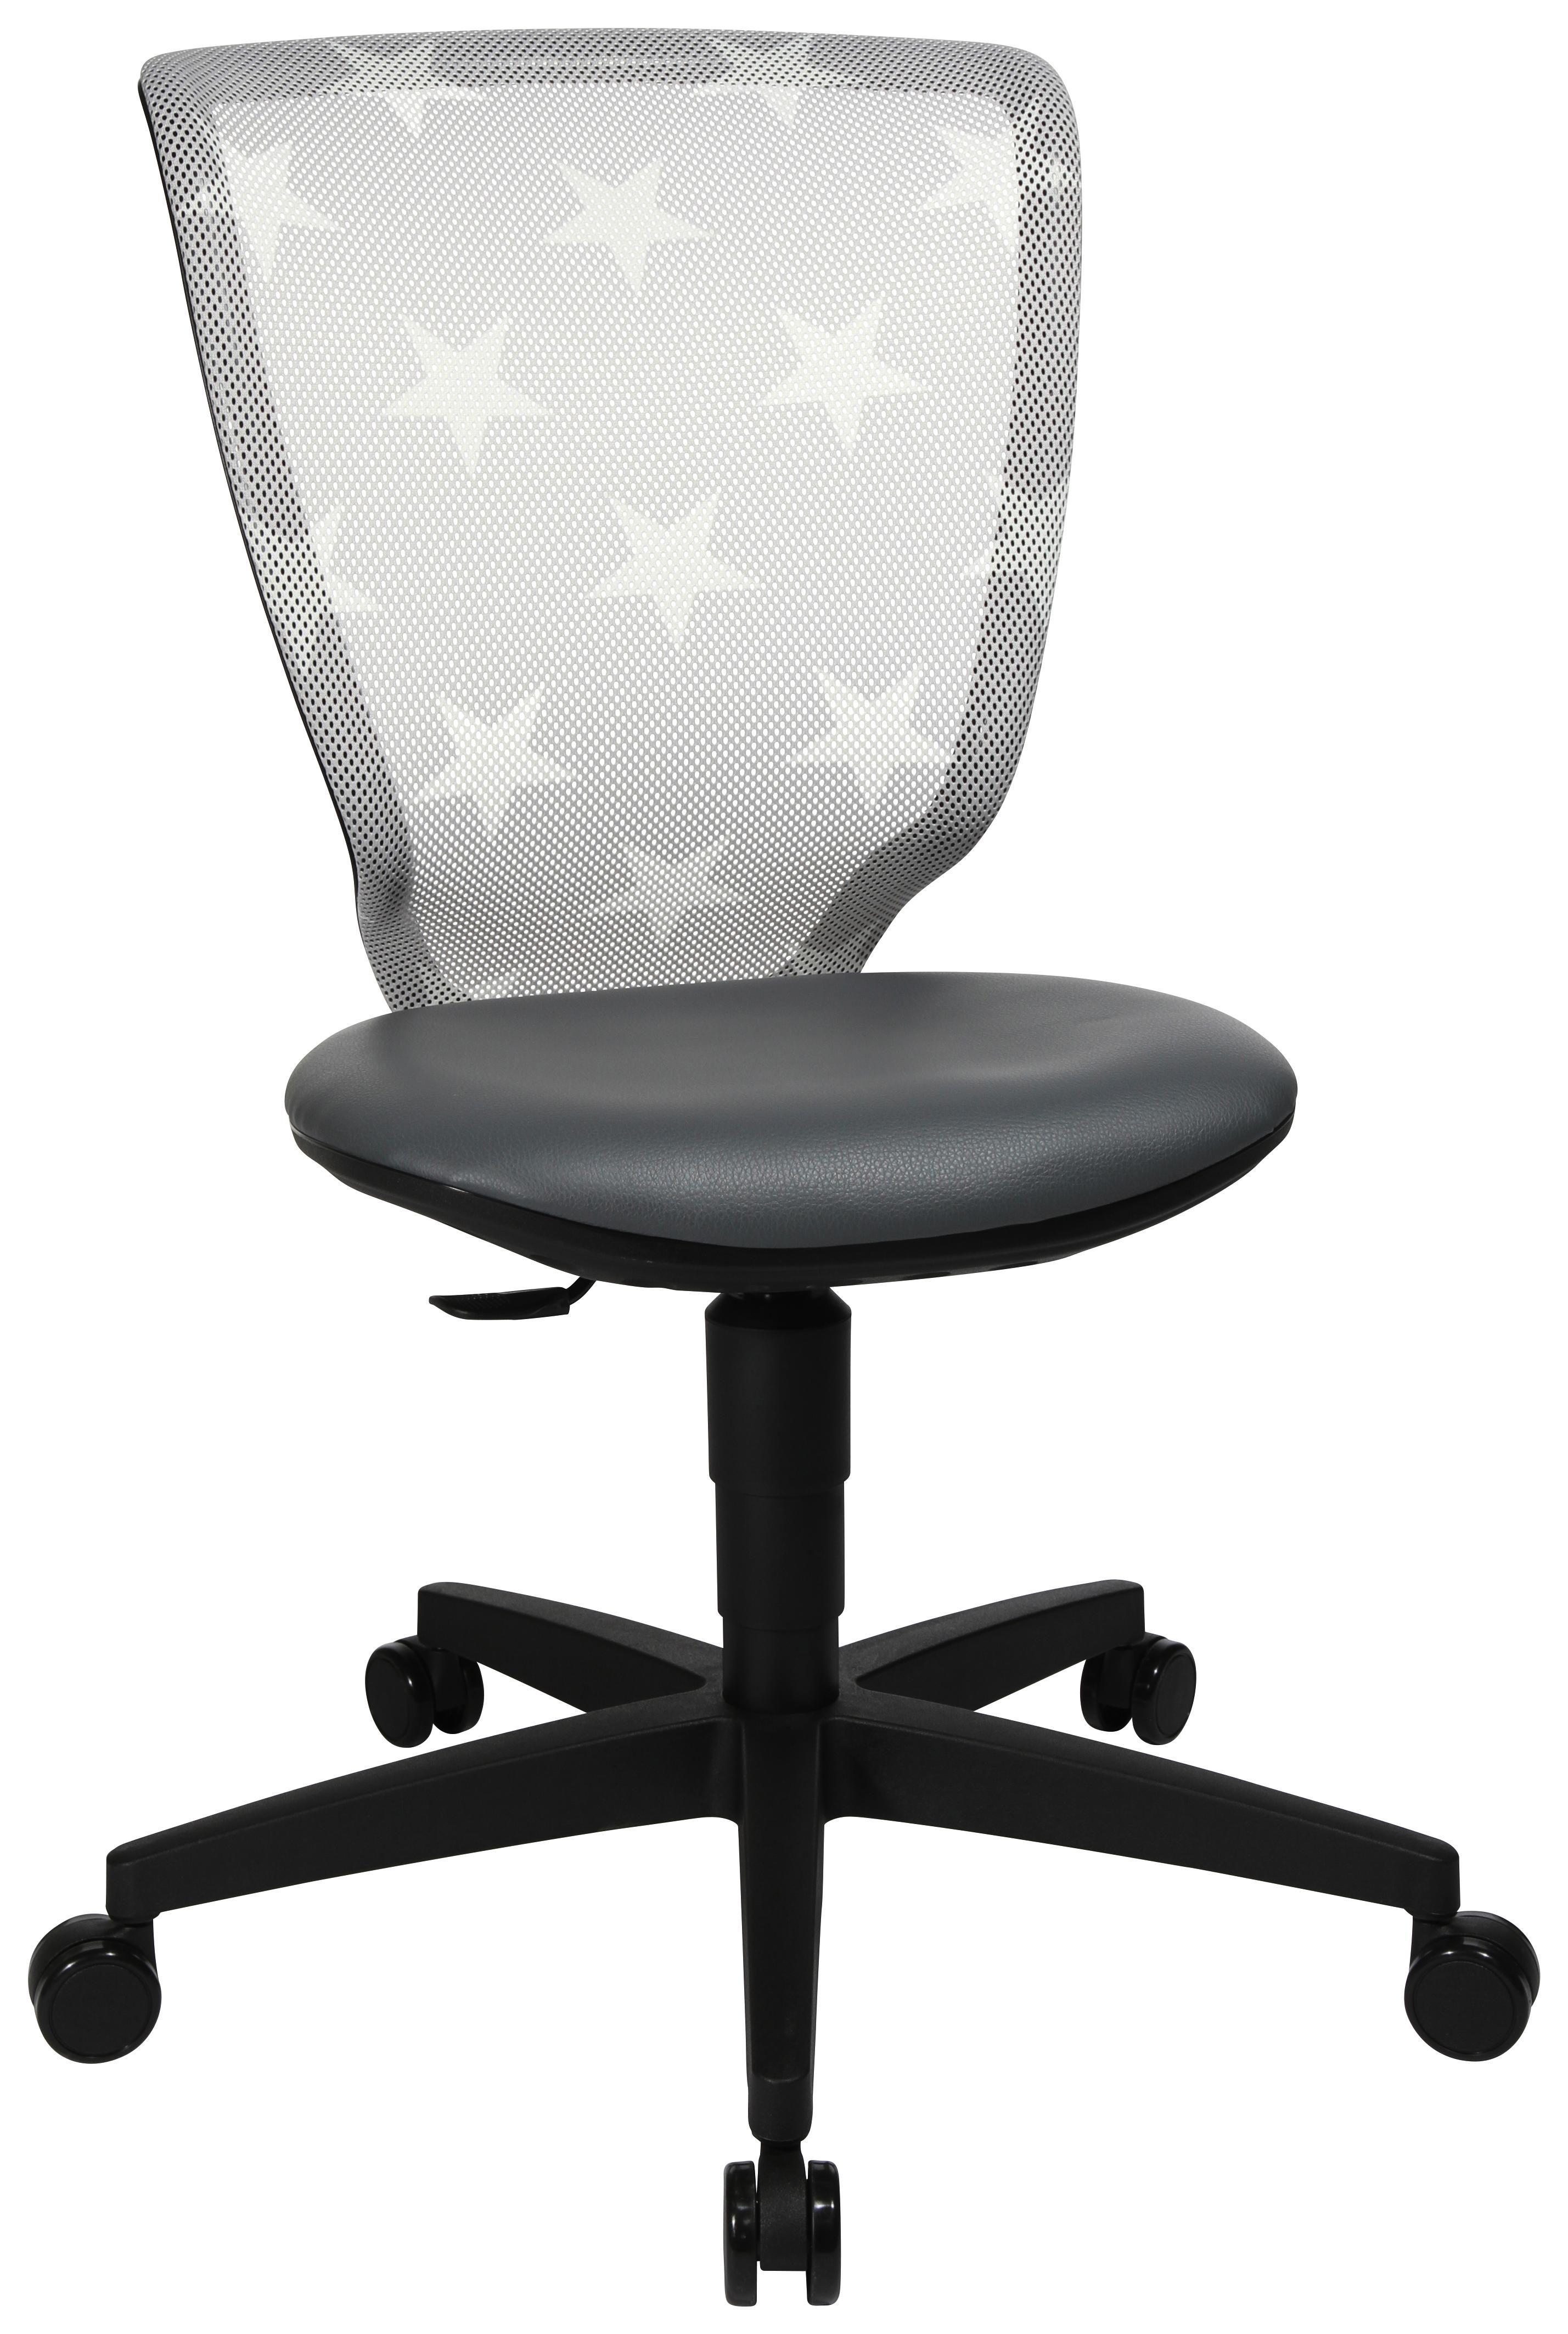 richtige sitzhohe schreibtisch. Black Bedroom Furniture Sets. Home Design Ideas